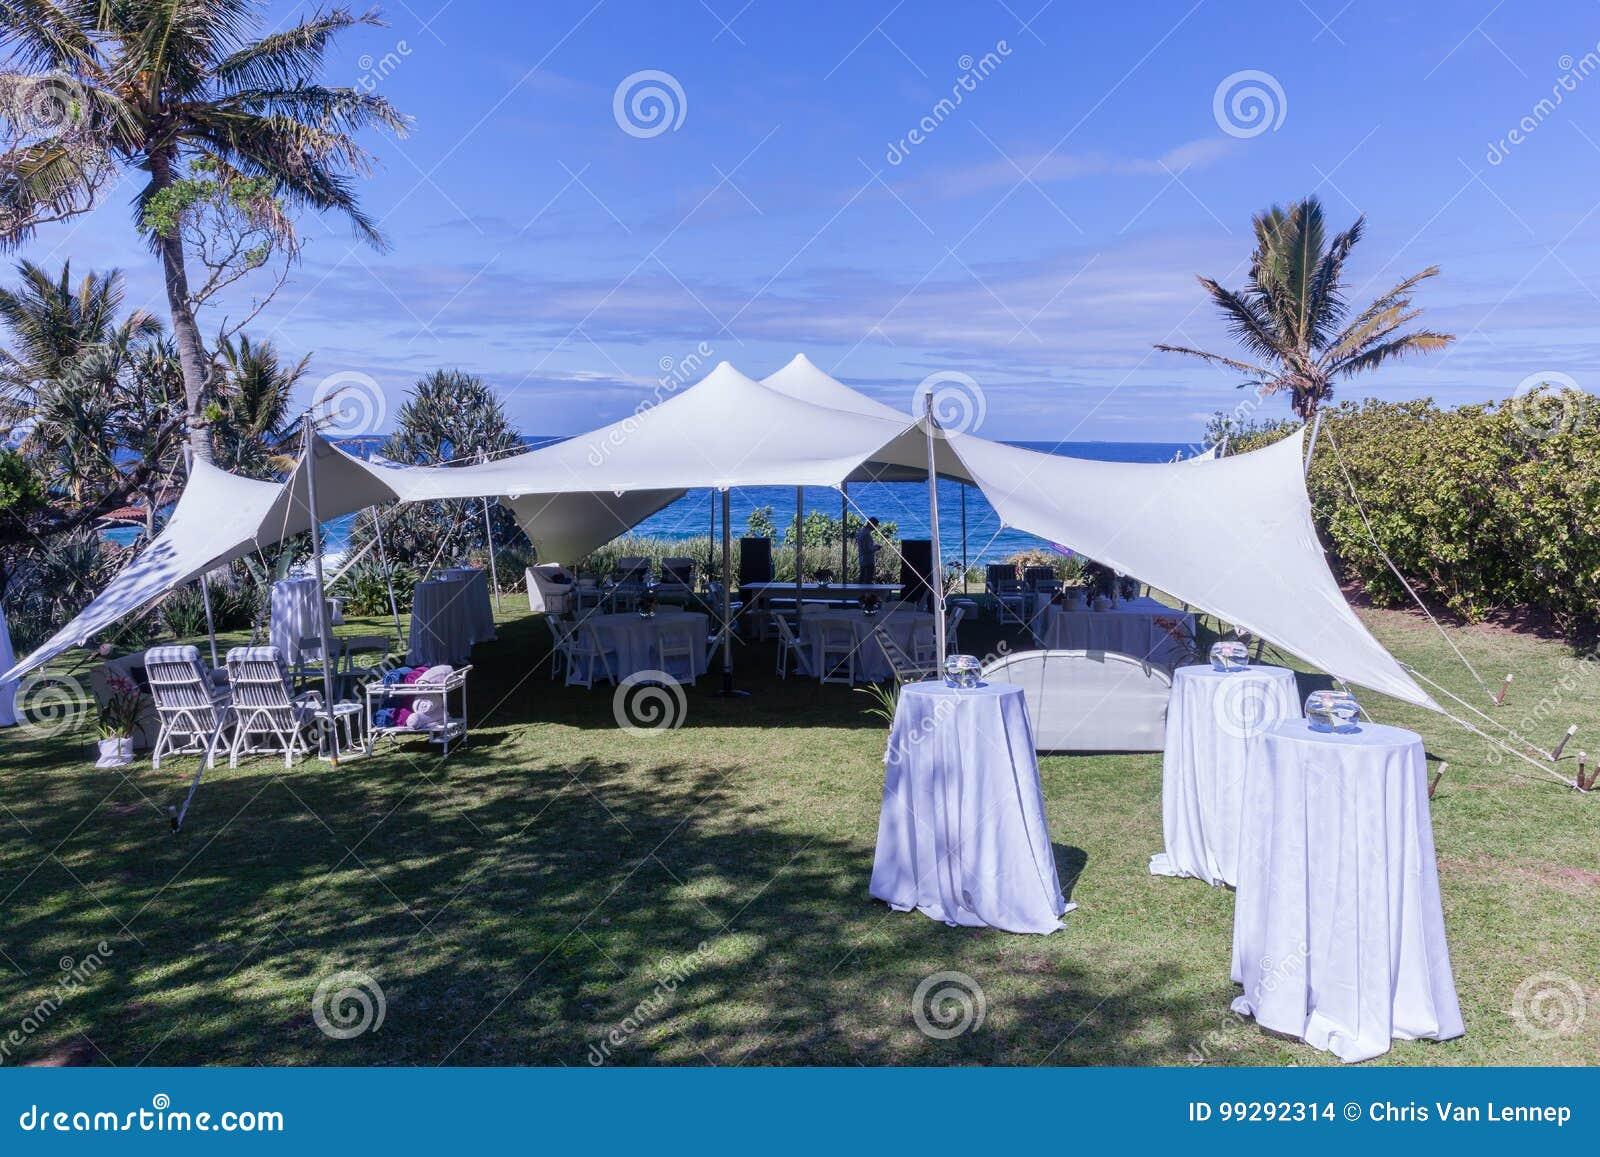 Tent Bedouin Chairs Wedding Ocean Venue Stock Photo - Image